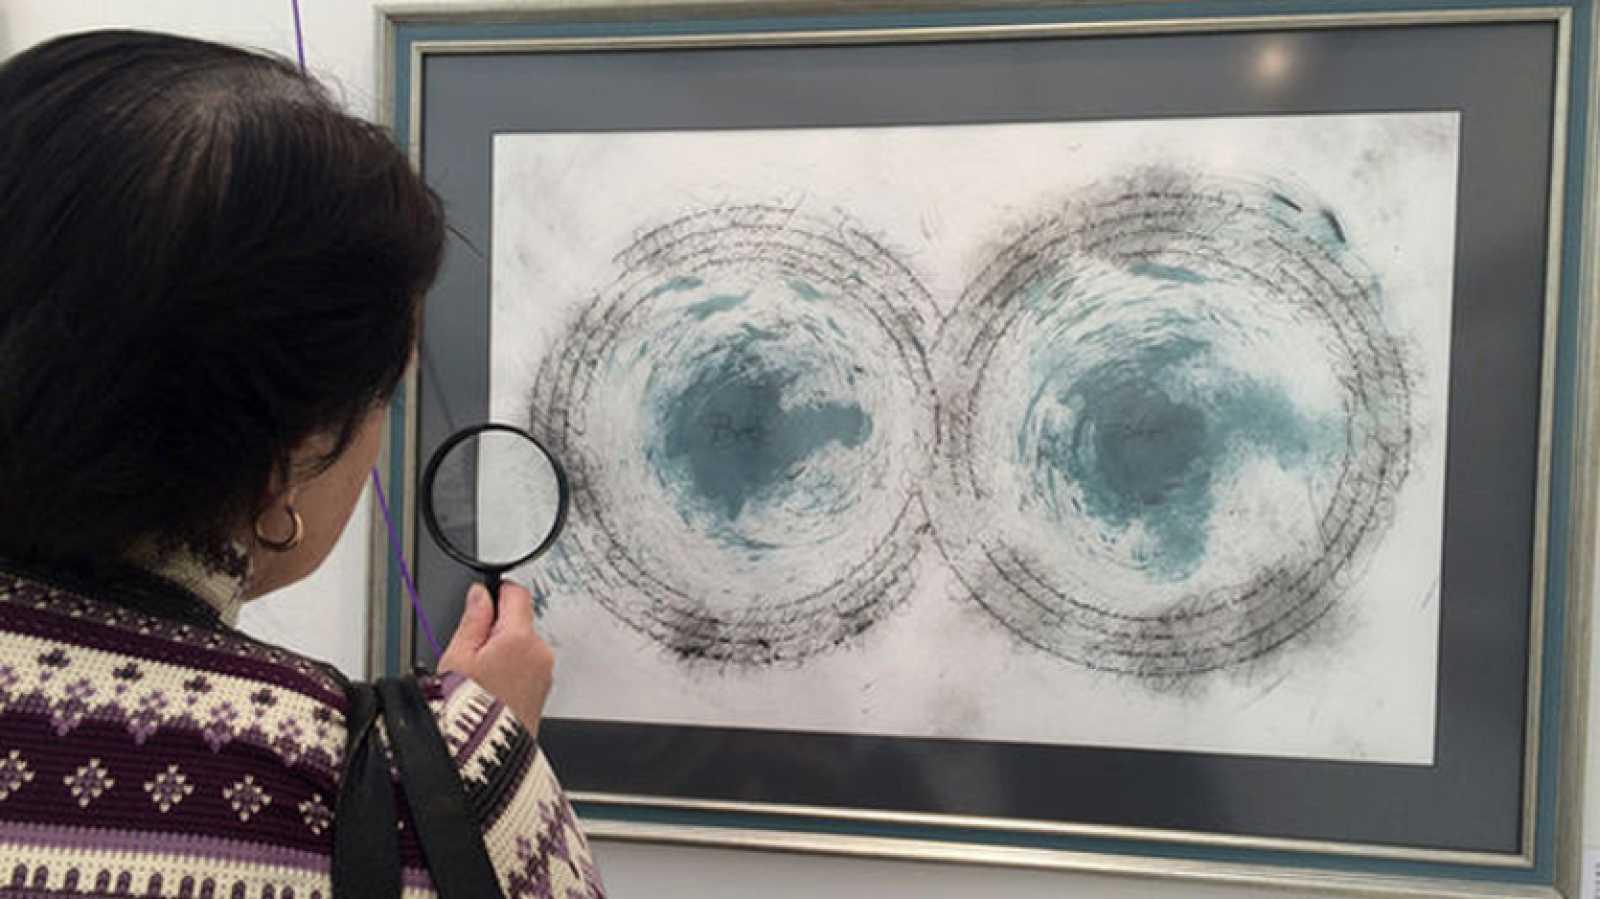 Salimos por el mundo - El calígrafo español Jorge Regueira exhibe su arte en Moscú - 13/09/17 - escuchar ahora